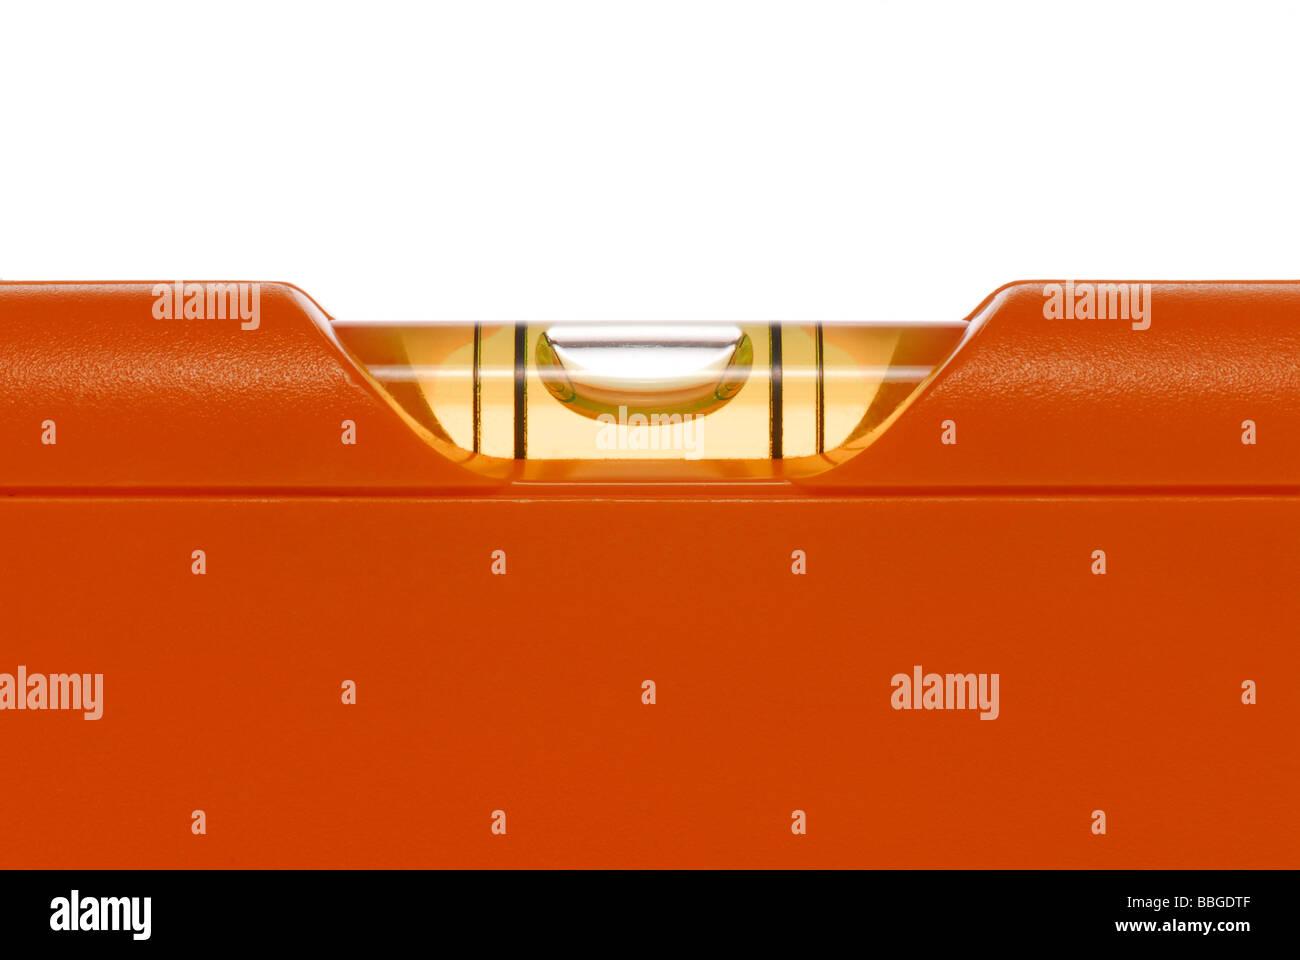 Le niveau de l'eau, Orange image symbolique pour l'équilibre ou d'équilibre Photo Stock